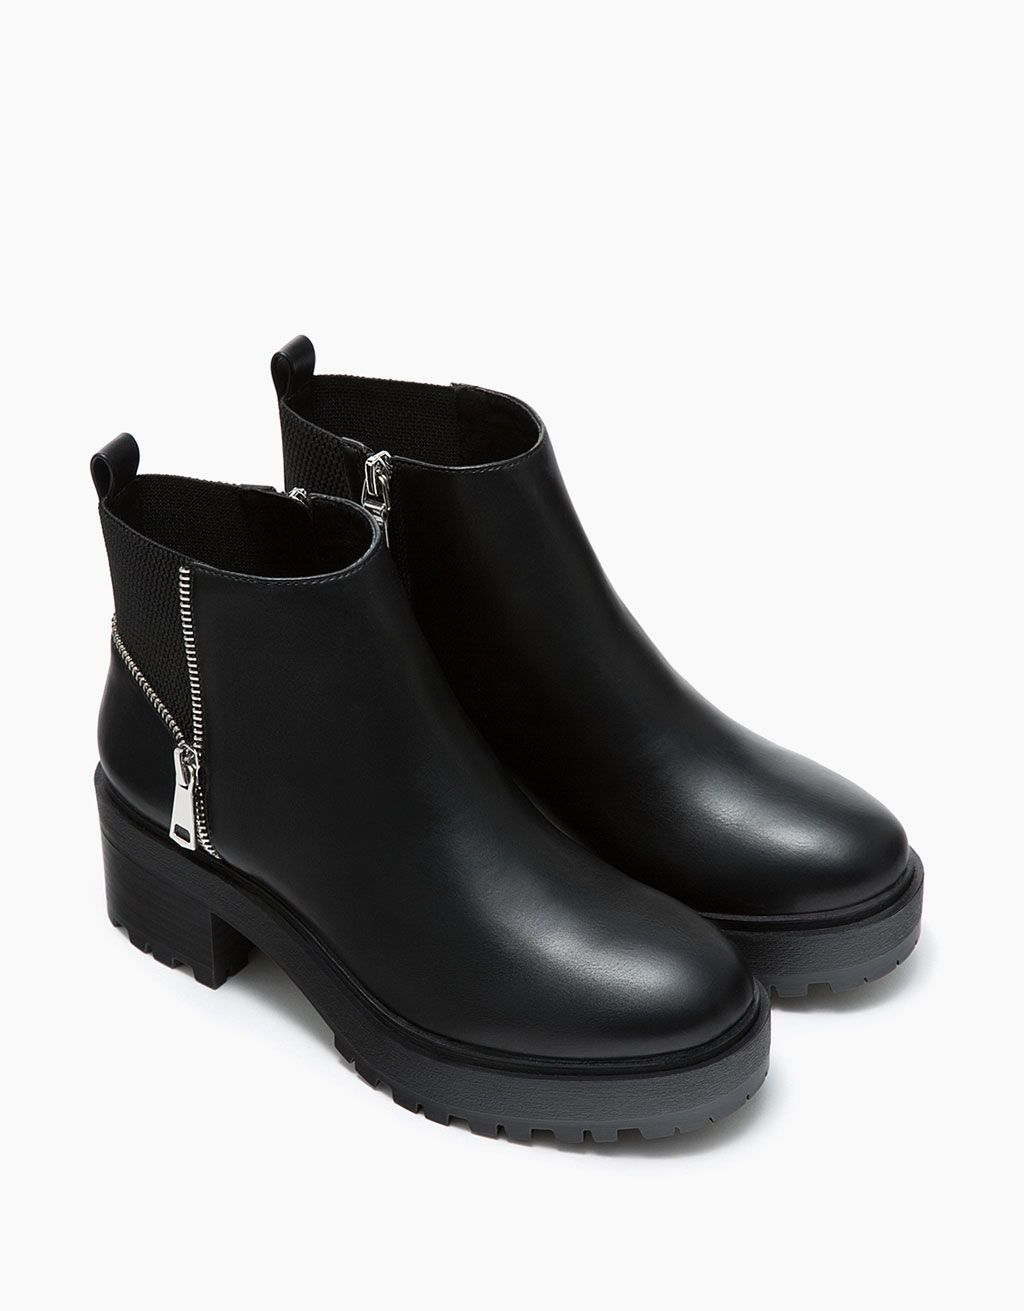 1117162e Botines de plataforma plana con cremallera y elástico - Zapatos - Bershka  Estados Unidos